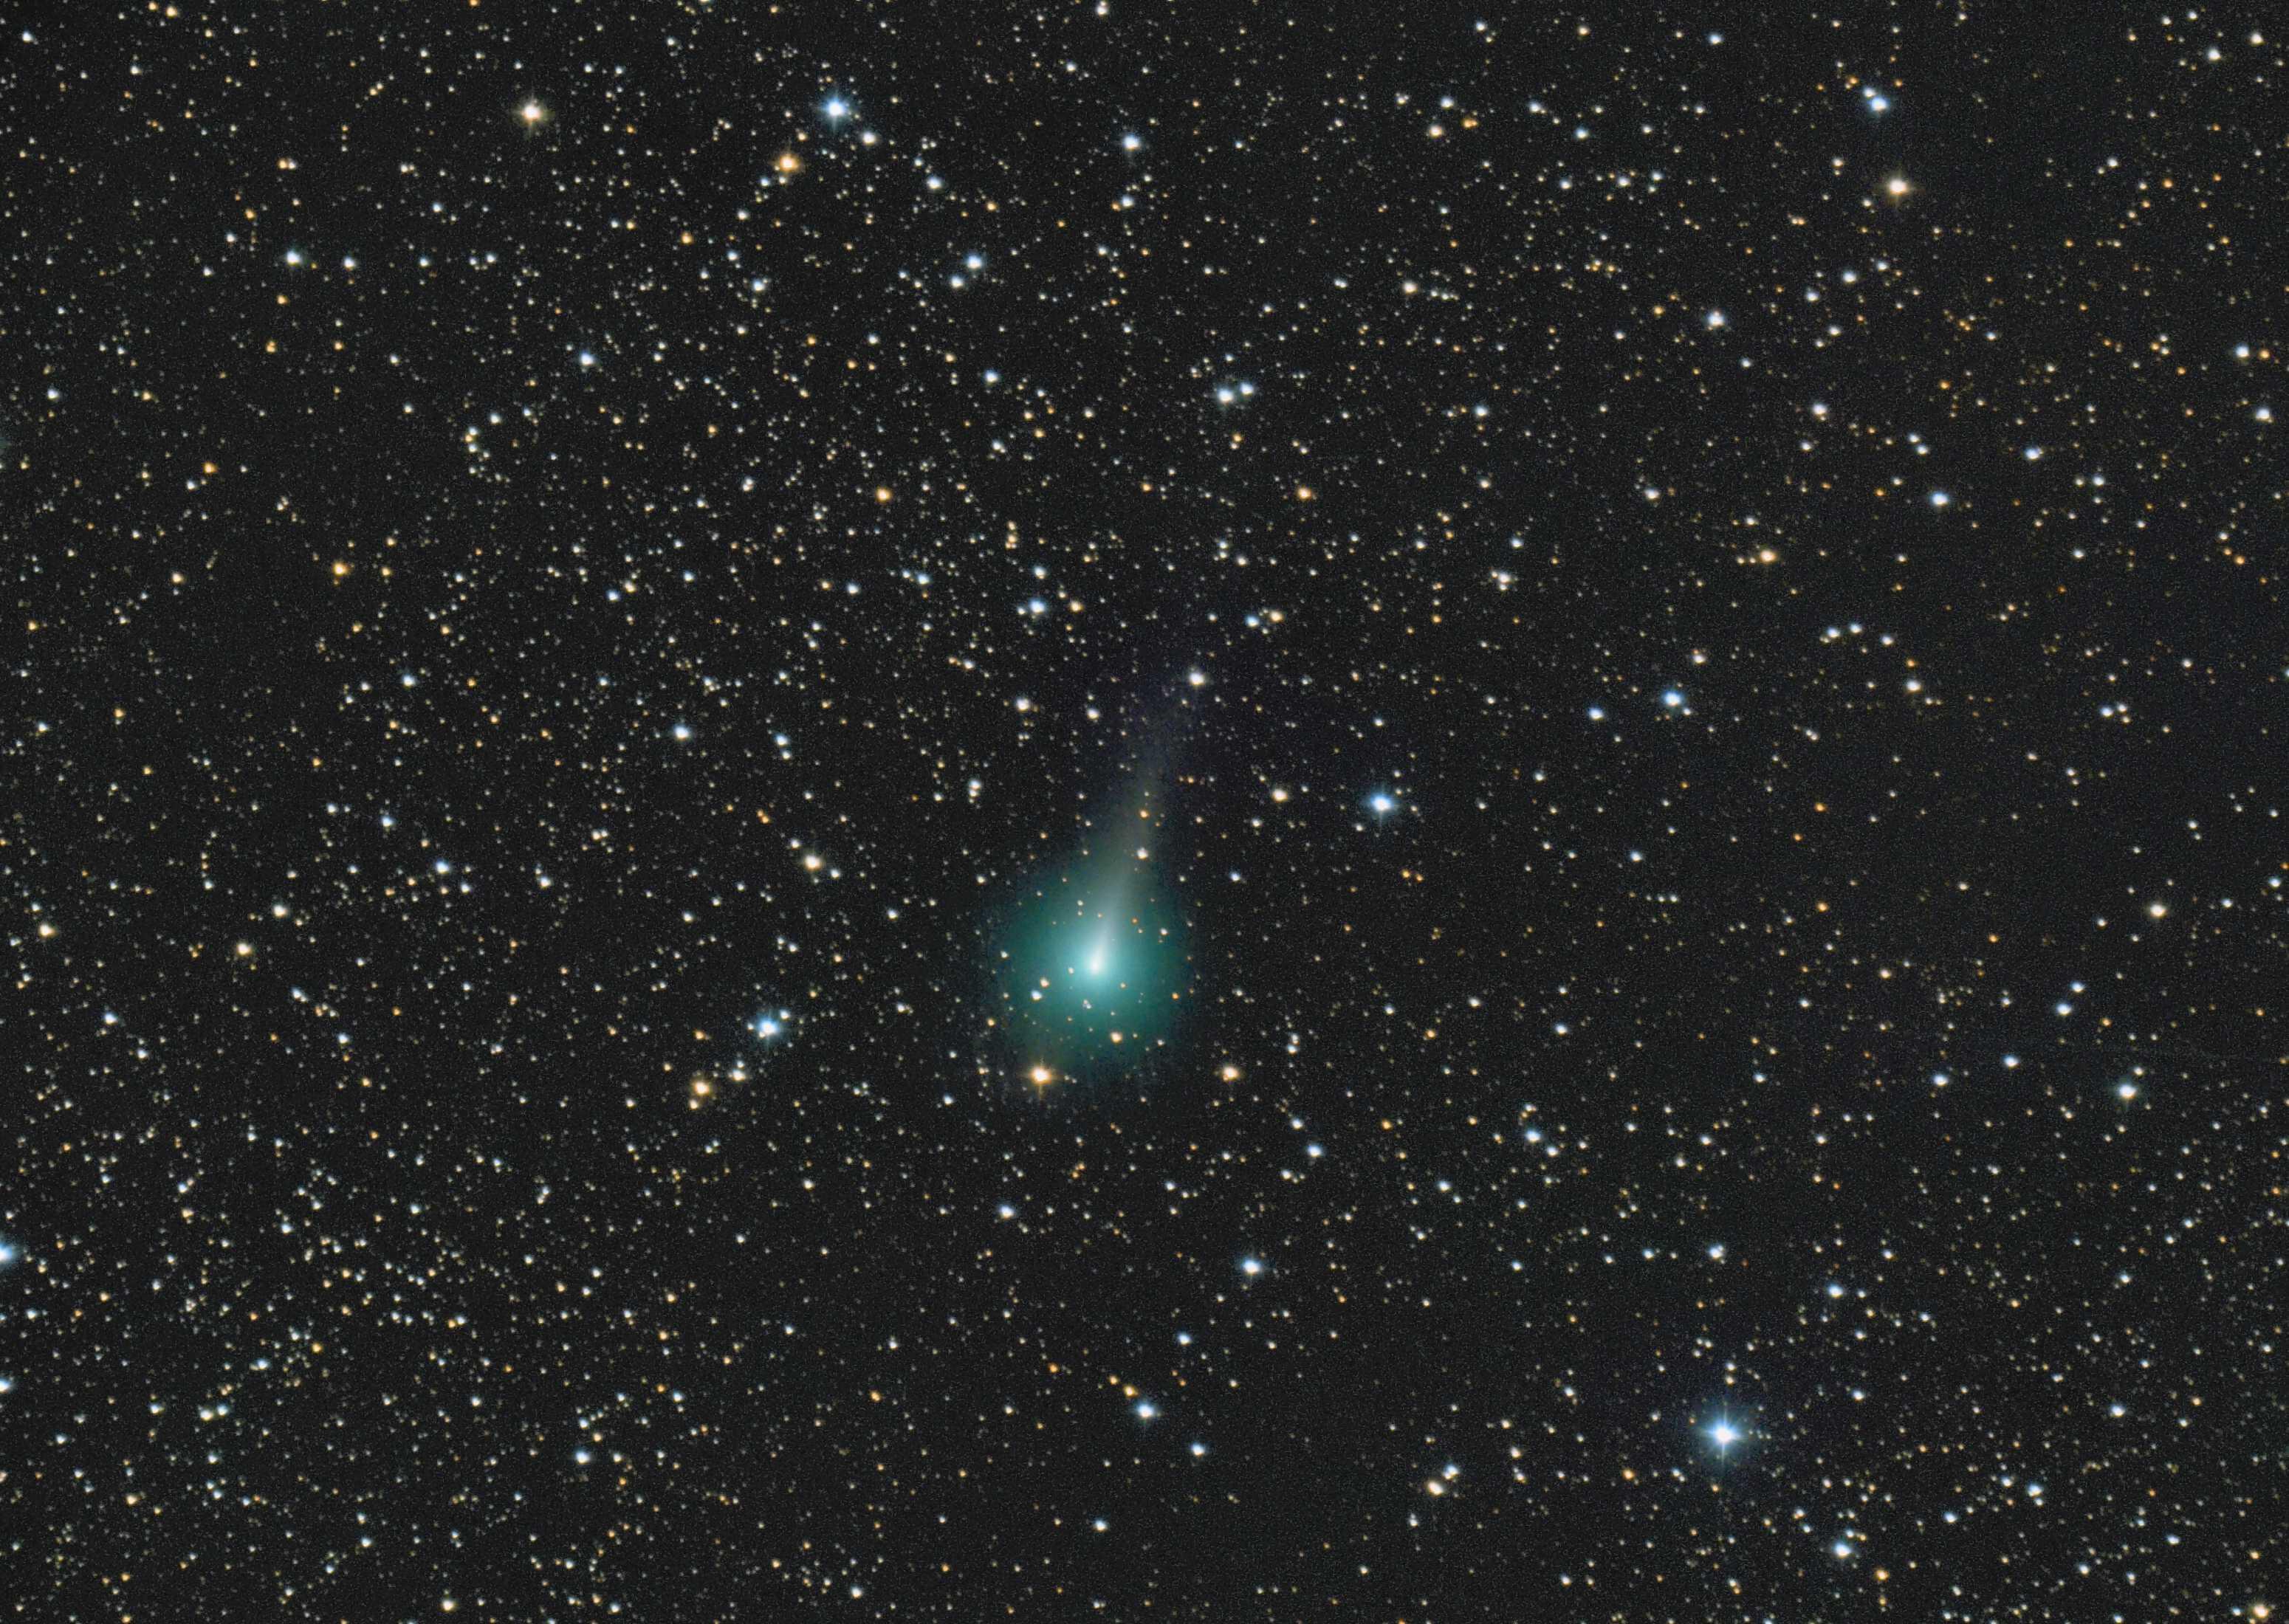 Comet C/2019 Y1 Atlas